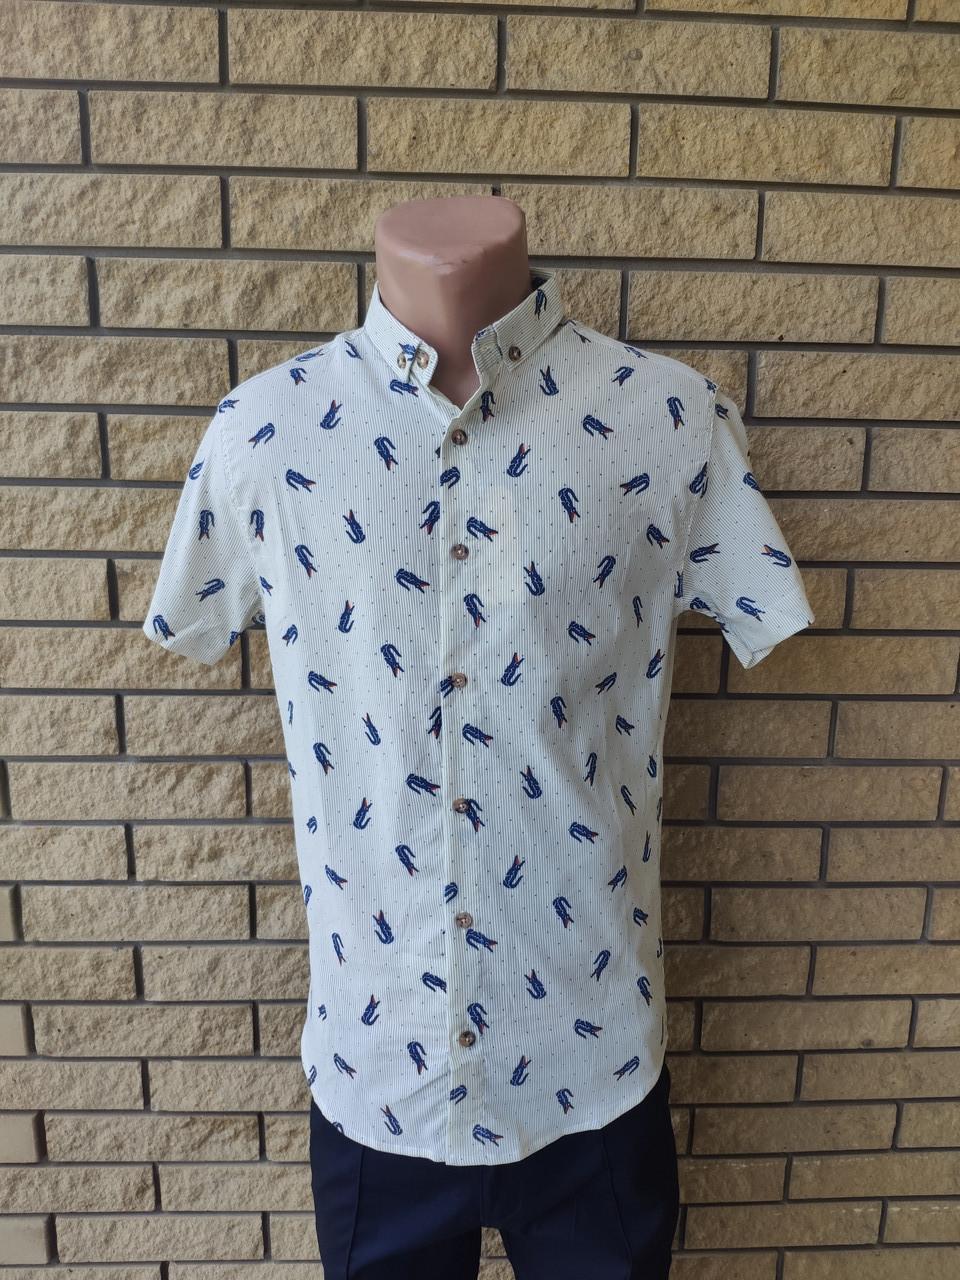 Рубашка мужская летняя коттоновая стрейчевая брендовая высокого качества реплика LACOSTE, Турция